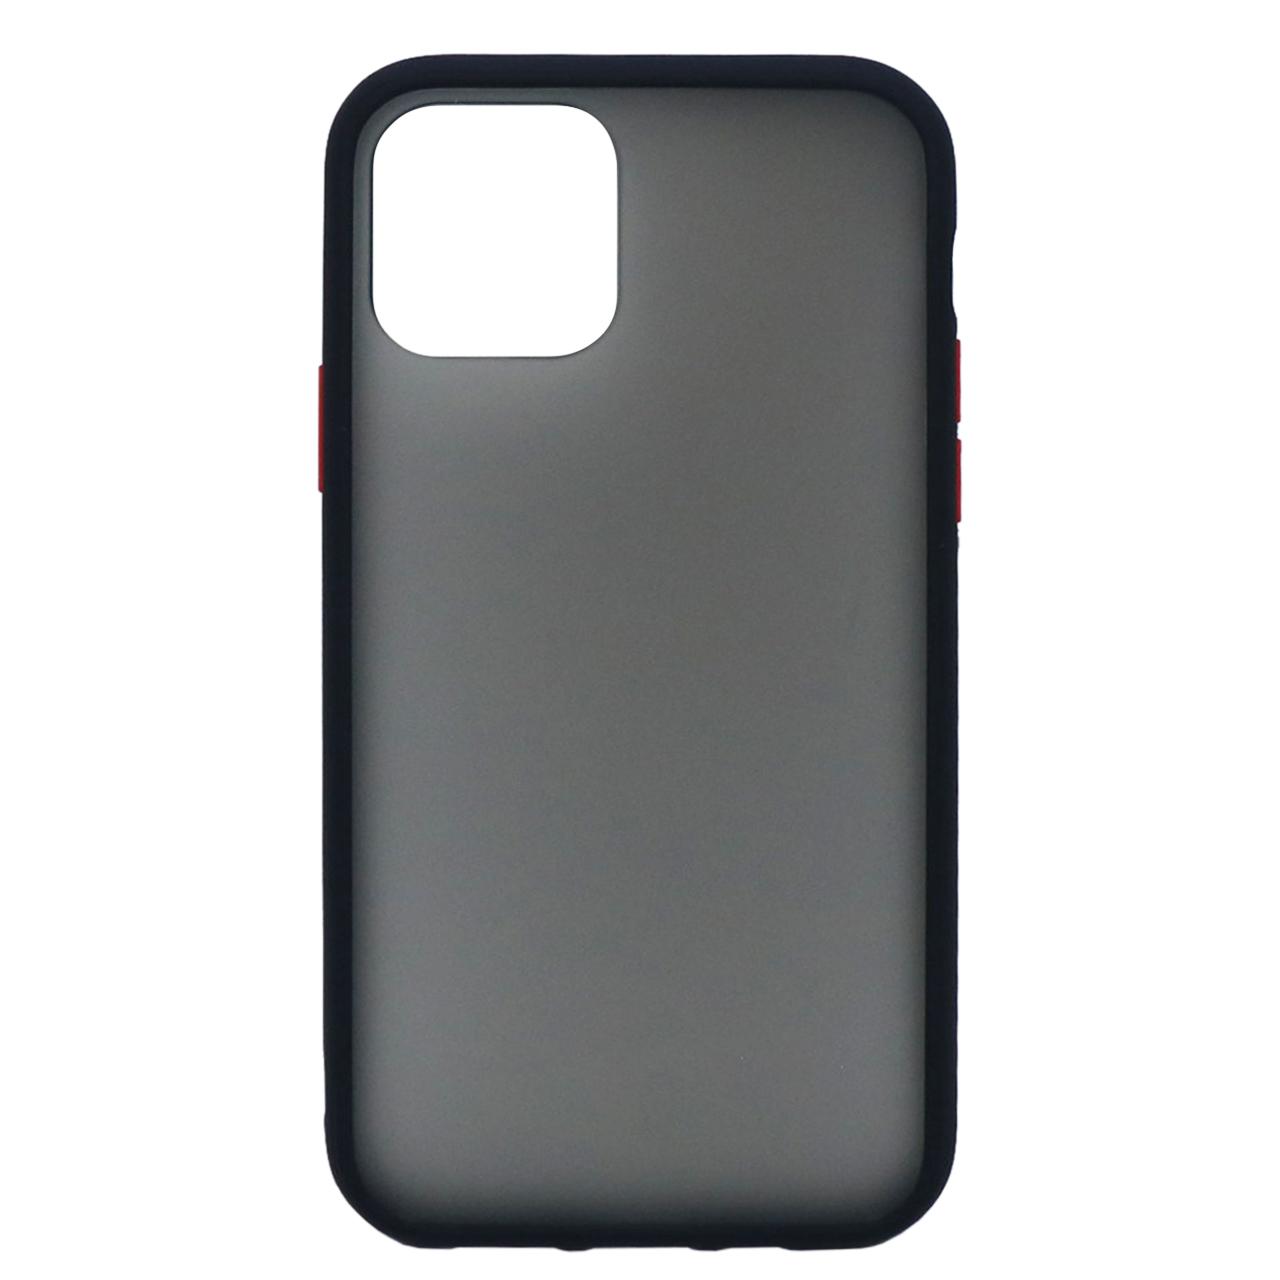 کاور مدل Sb-001 مناسب برای گوشی موبایل اپل Iphone 11